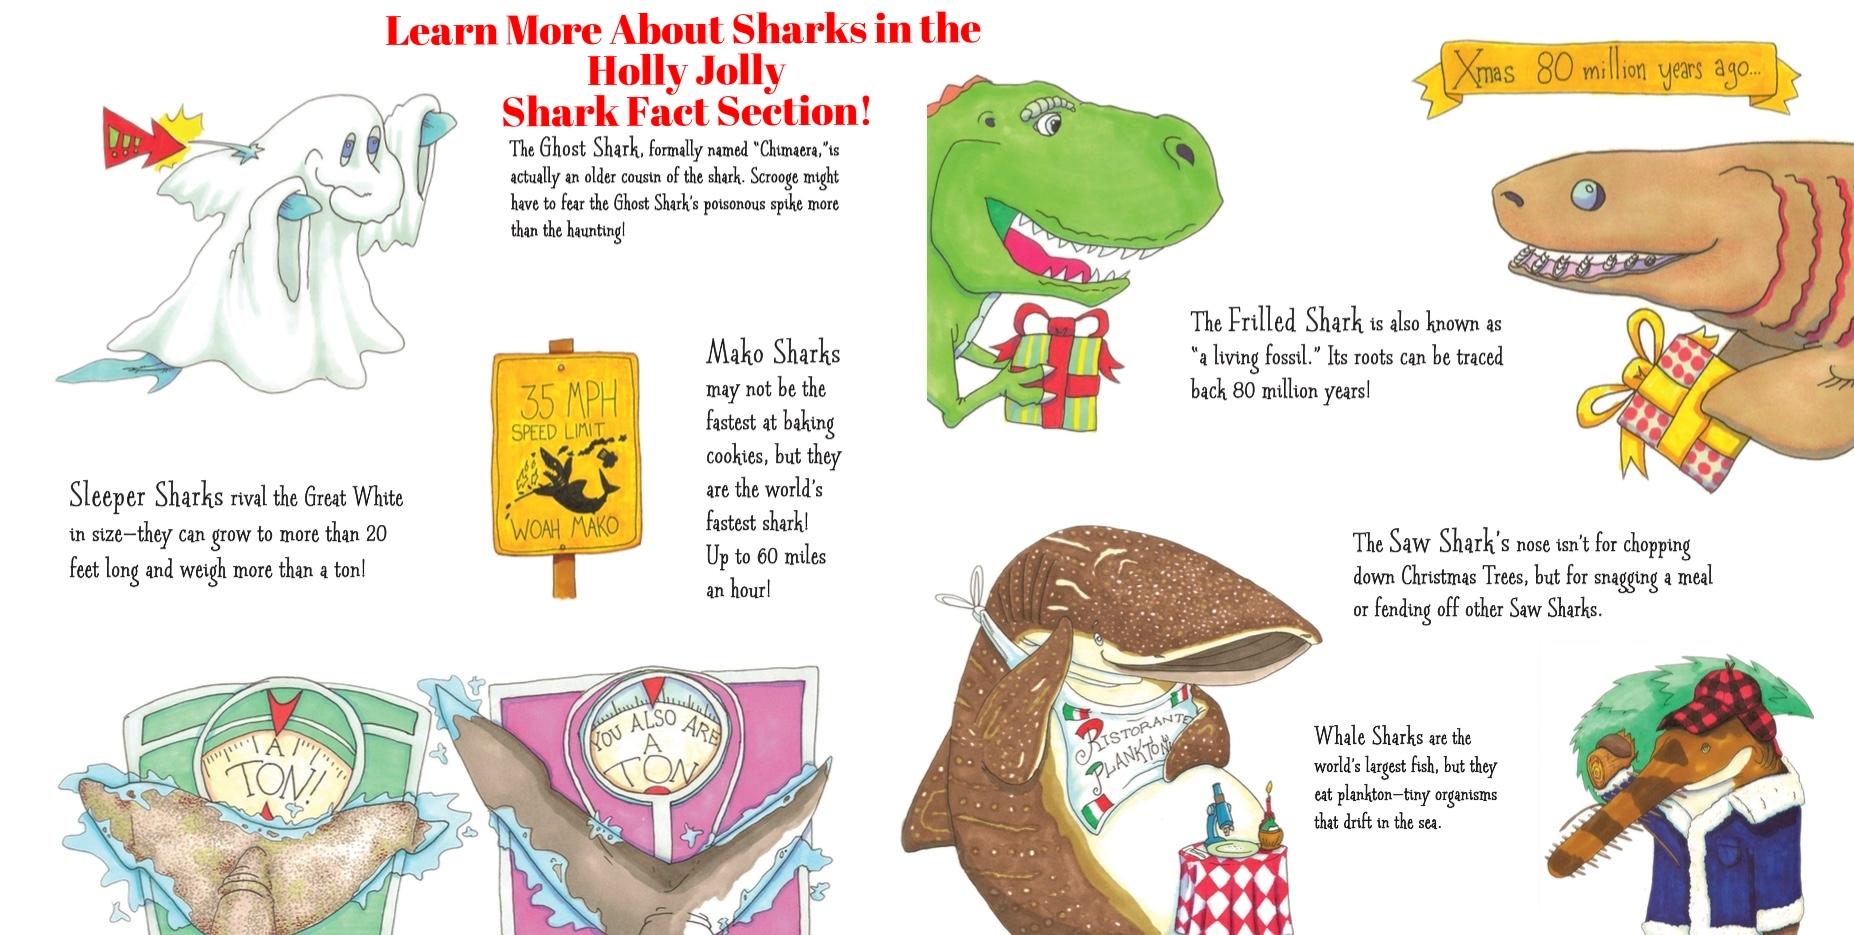 Education: Holly Jolly Shark Facts